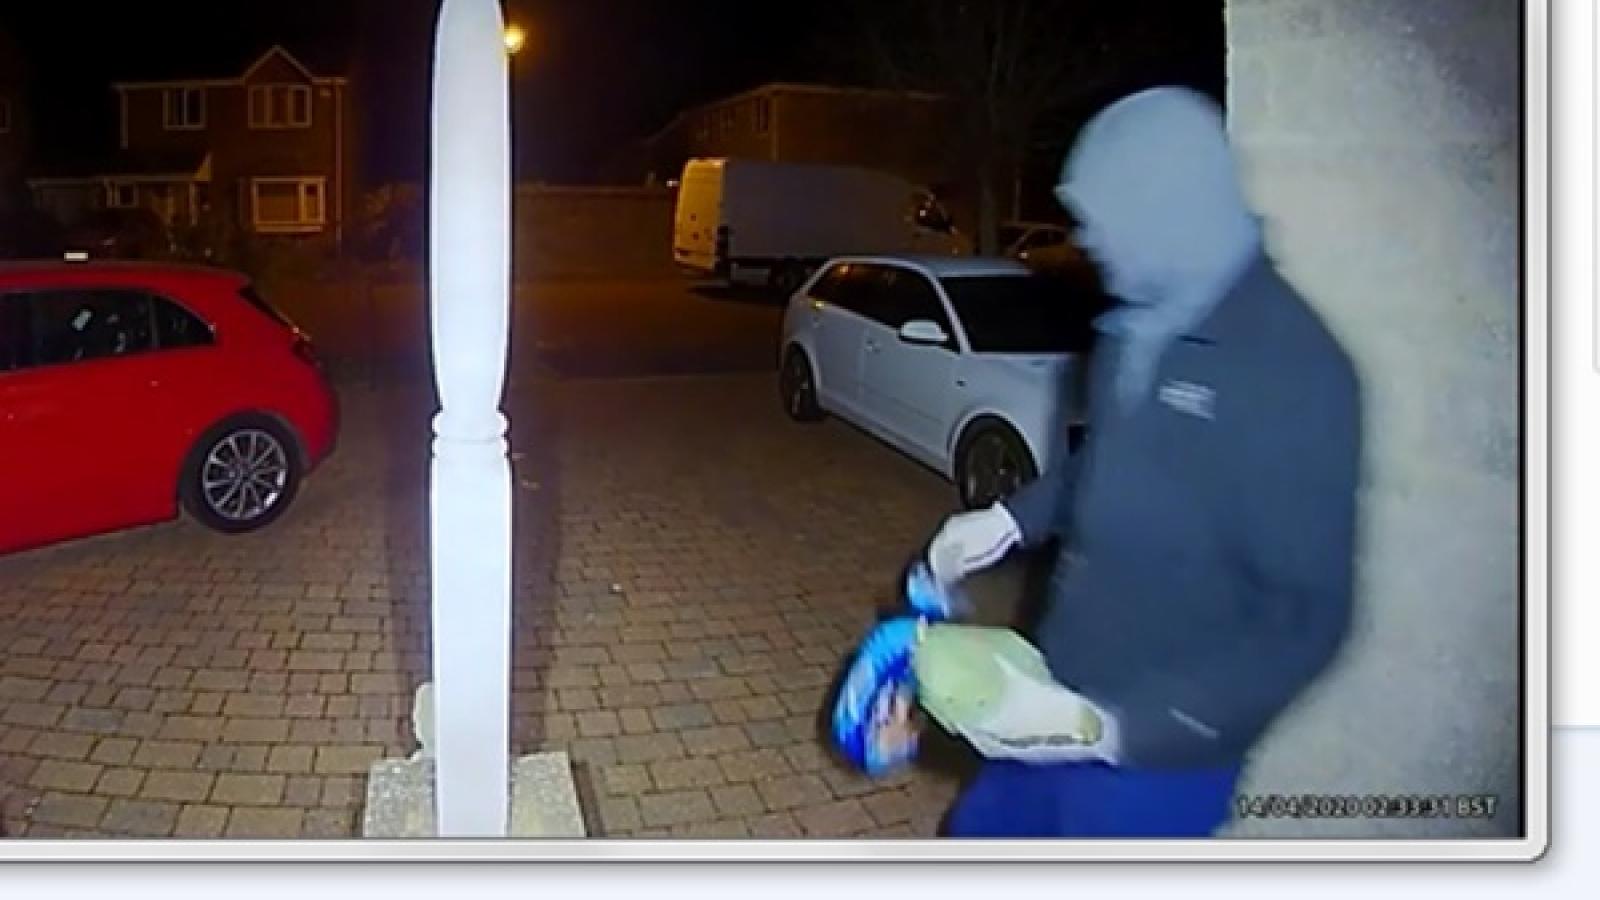 Gã trộm vô lương tâm lấy thực phẩm của cụ ông tự cách ly tại nhà